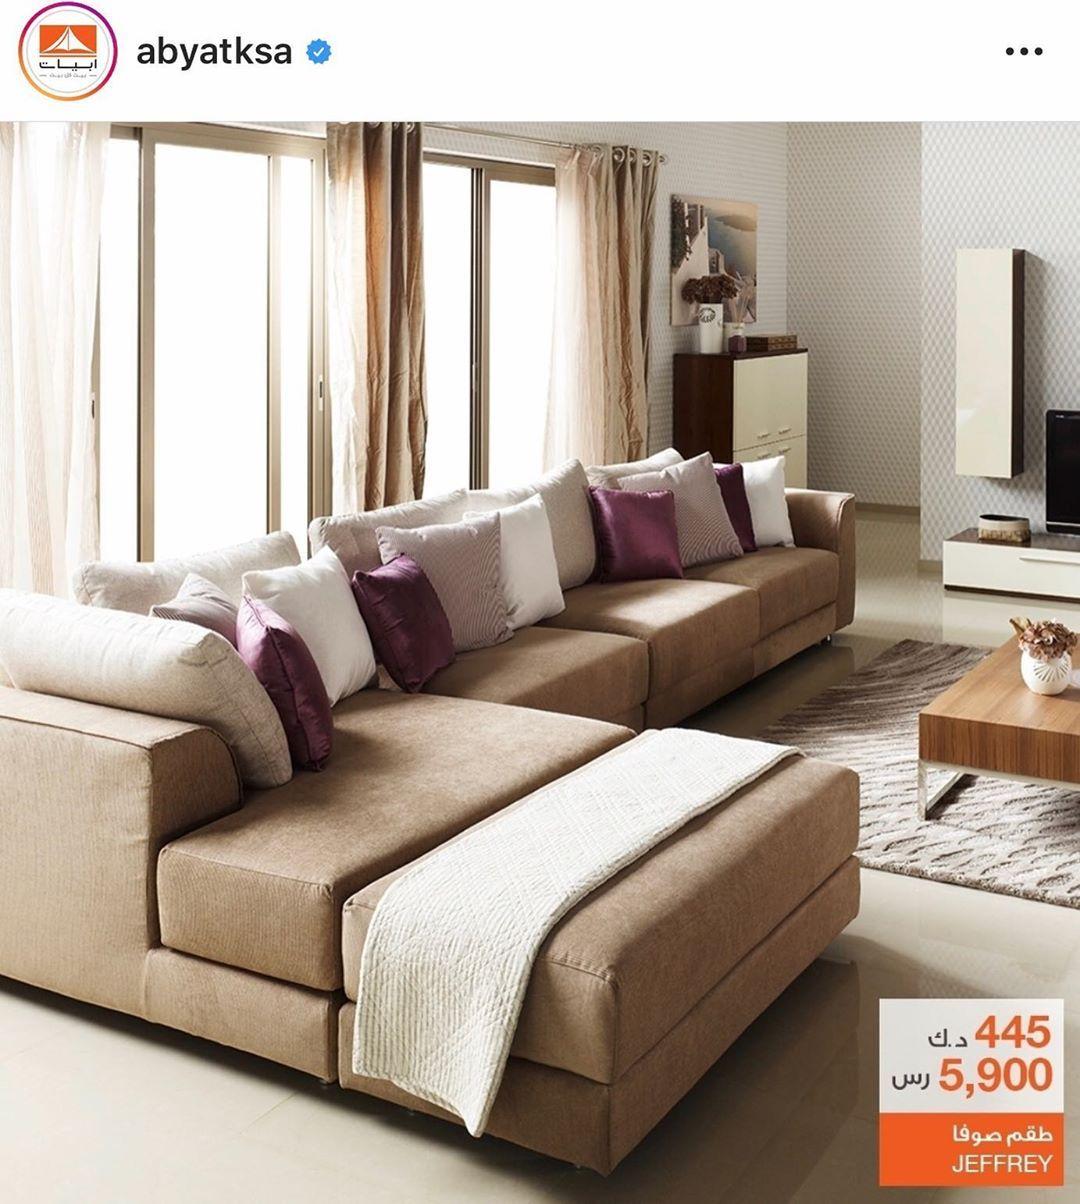 شراء مزاد منتج Furniture معارض كنب مطاعم سلعة الرقي السعوديات للبيع بضاعة فلل يوم الجمعة تجاري مدا Comfy Living Room Furniture Living Room Sofa